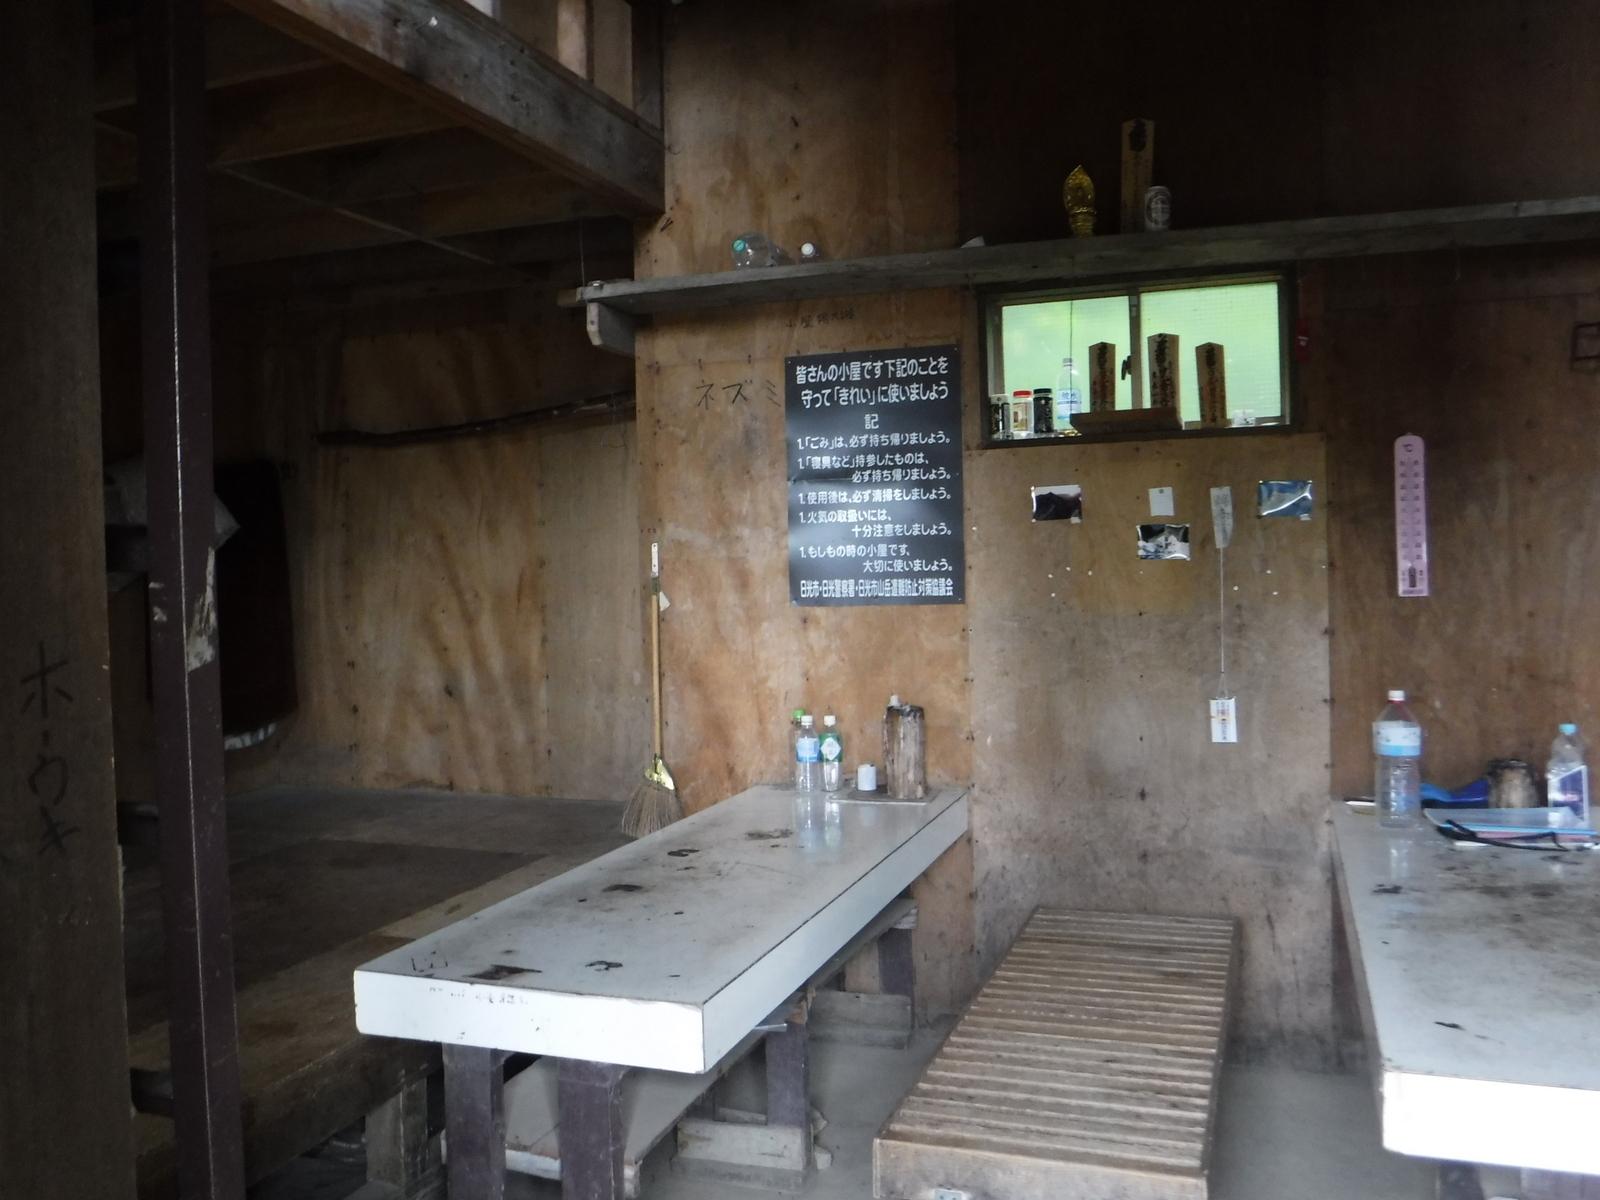 9:14 唐沢避難小屋、広いがトイレは無い 2240m